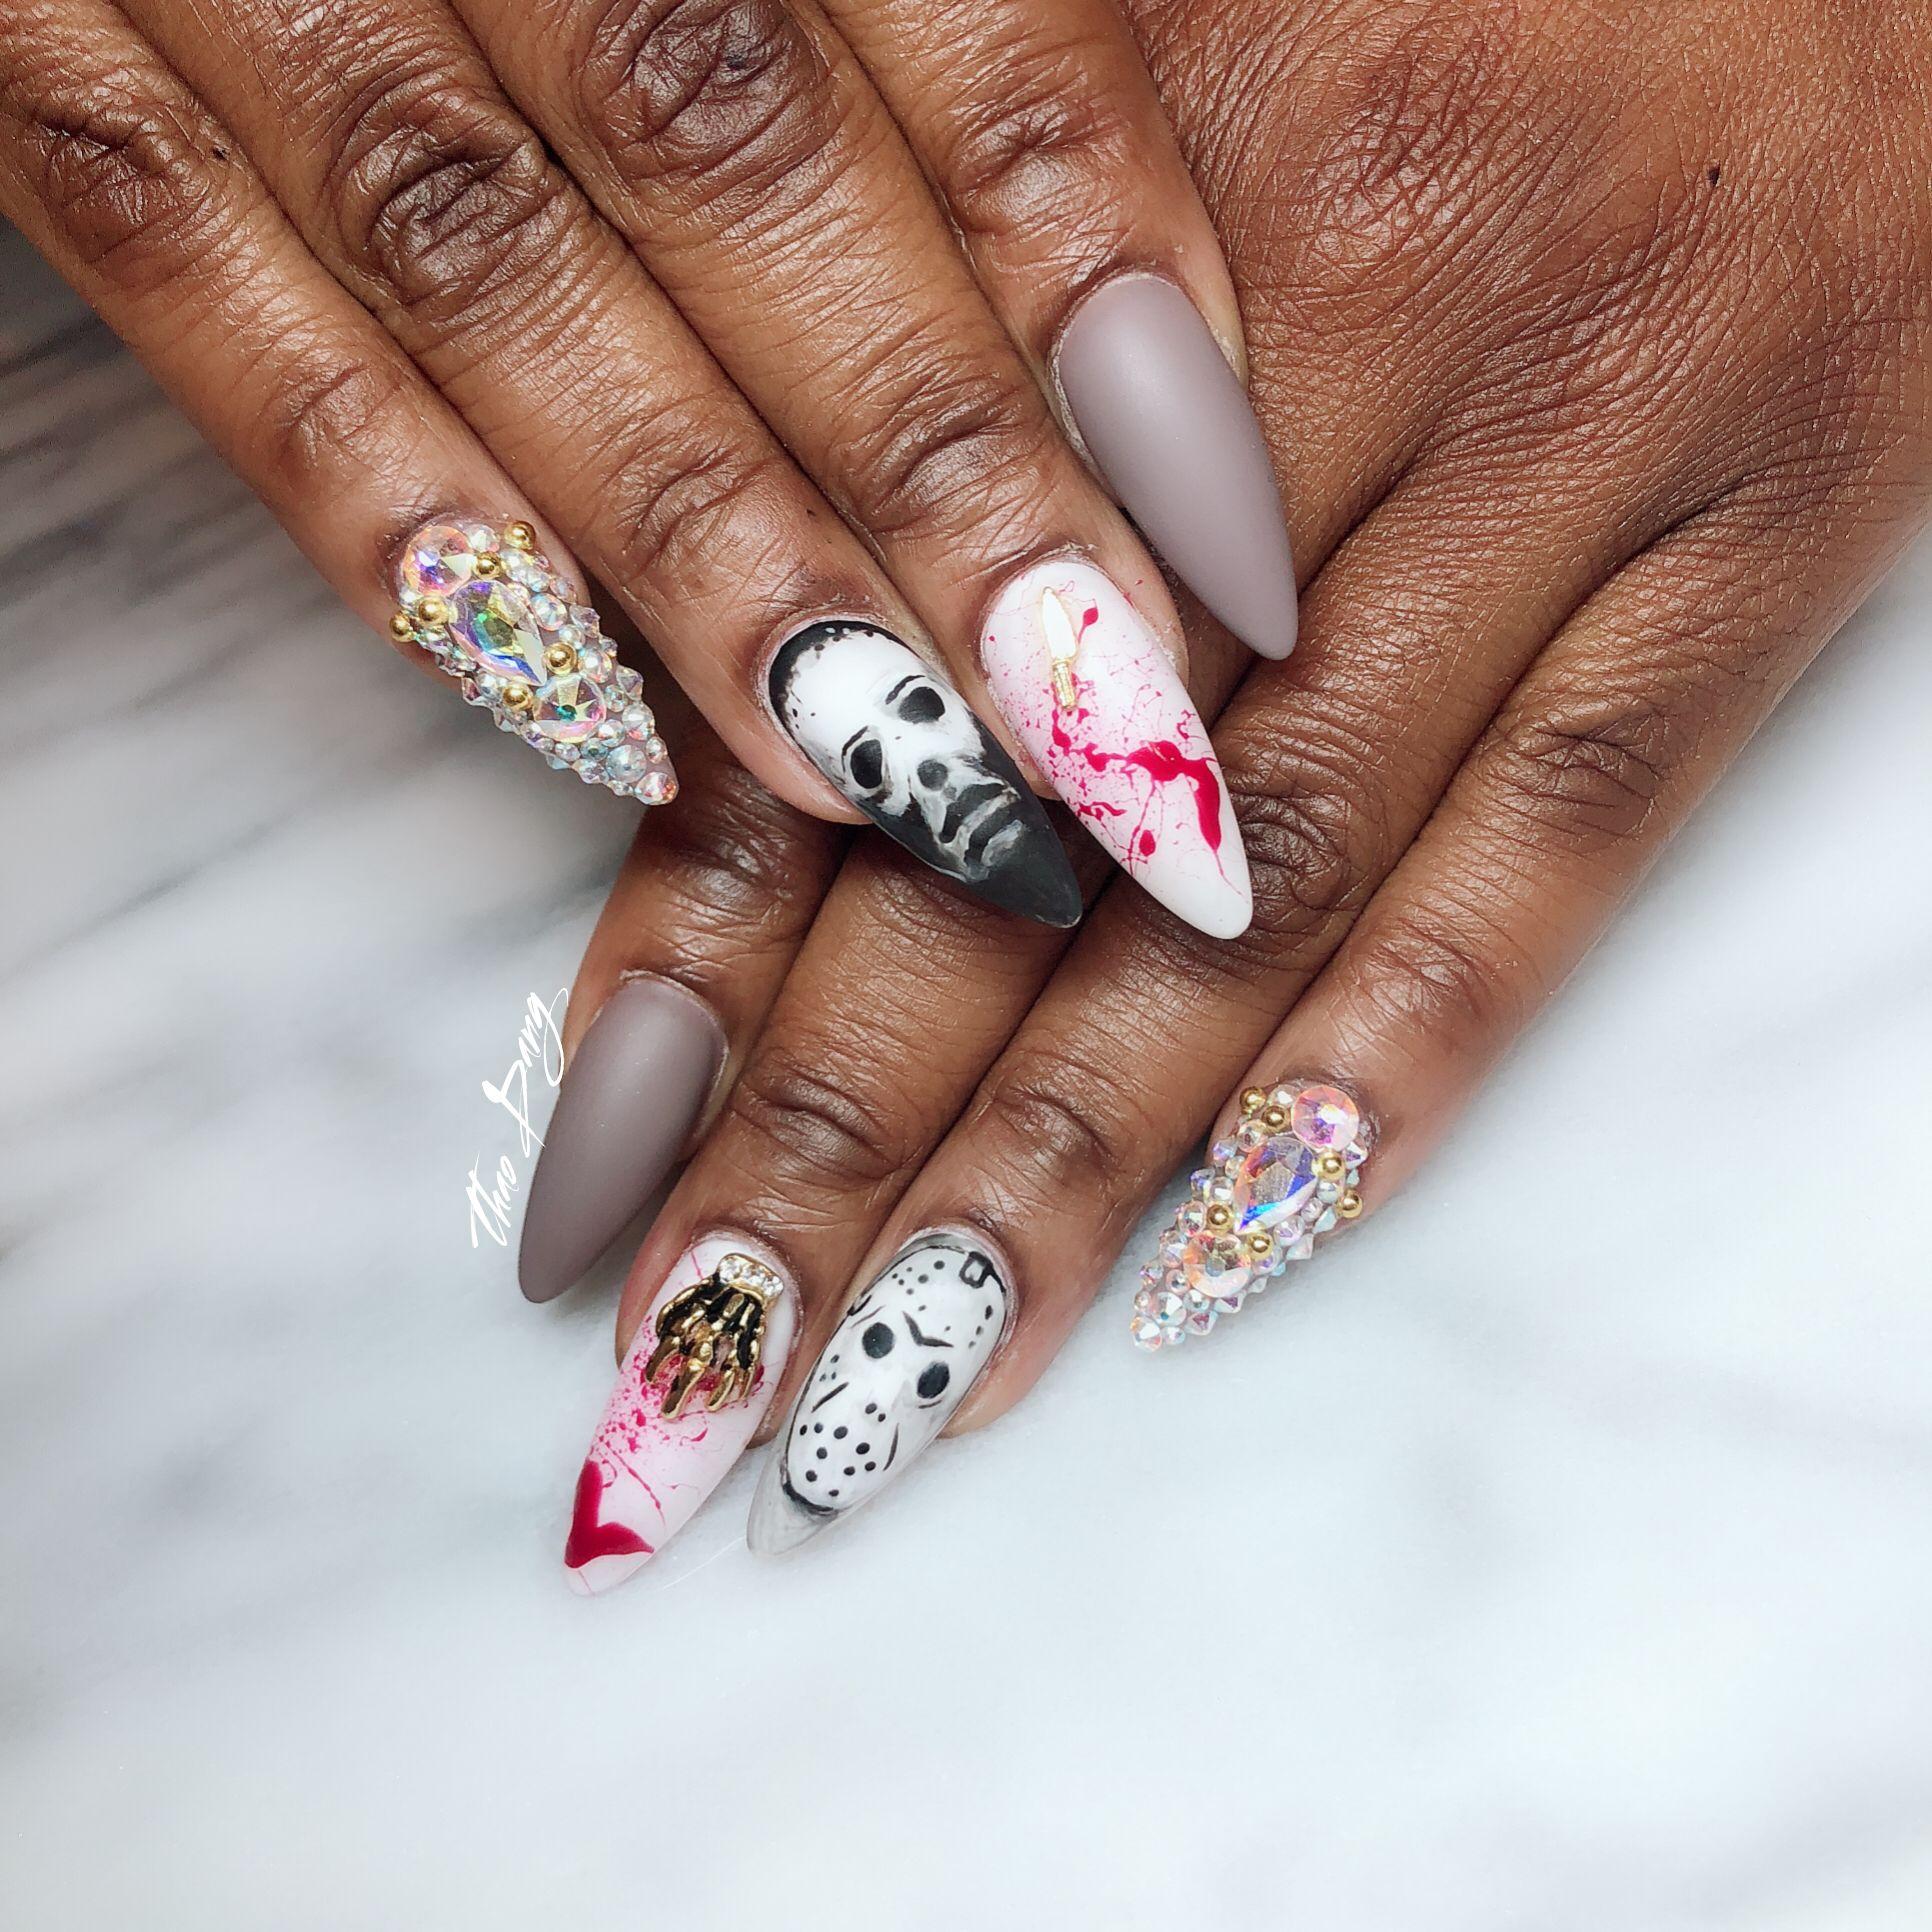 #nailsbytdang | Michael myers and jason, Nails